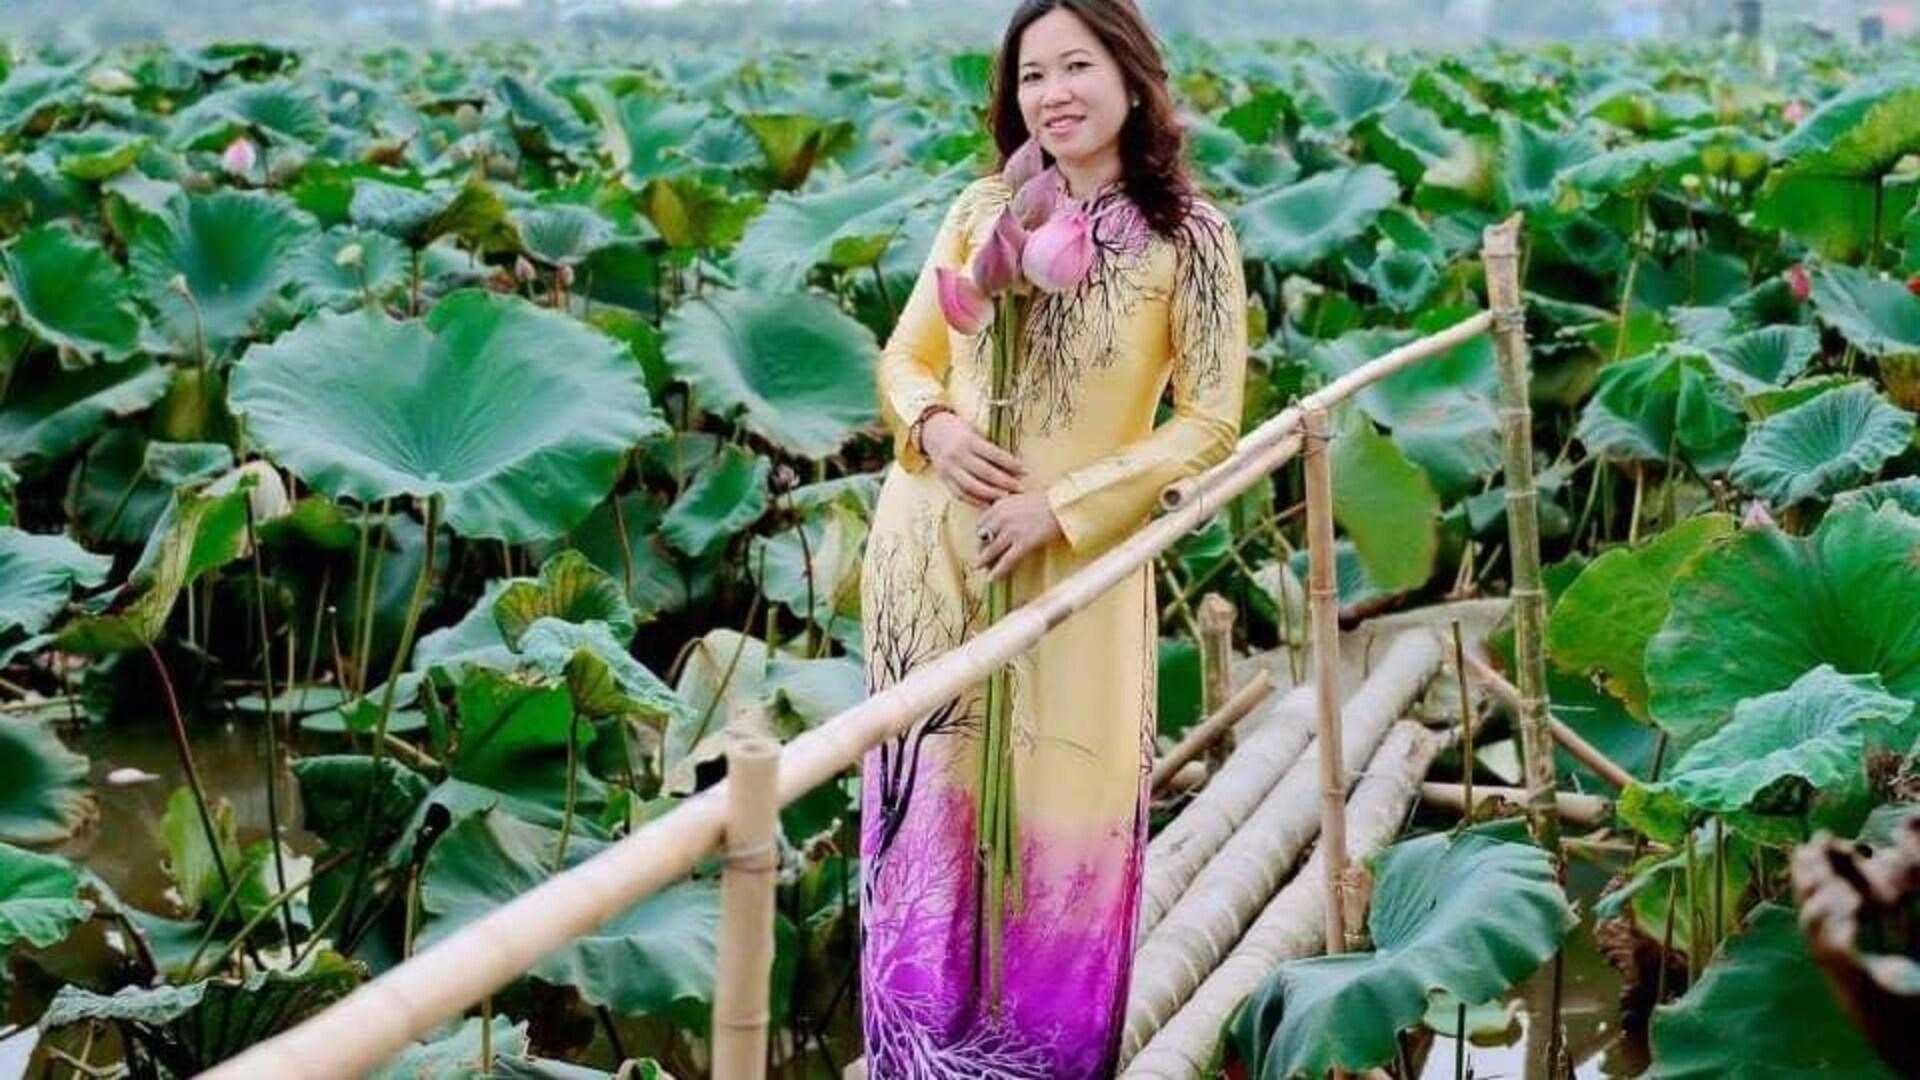 Thuy Nguyen debout au milieu de la végétation.